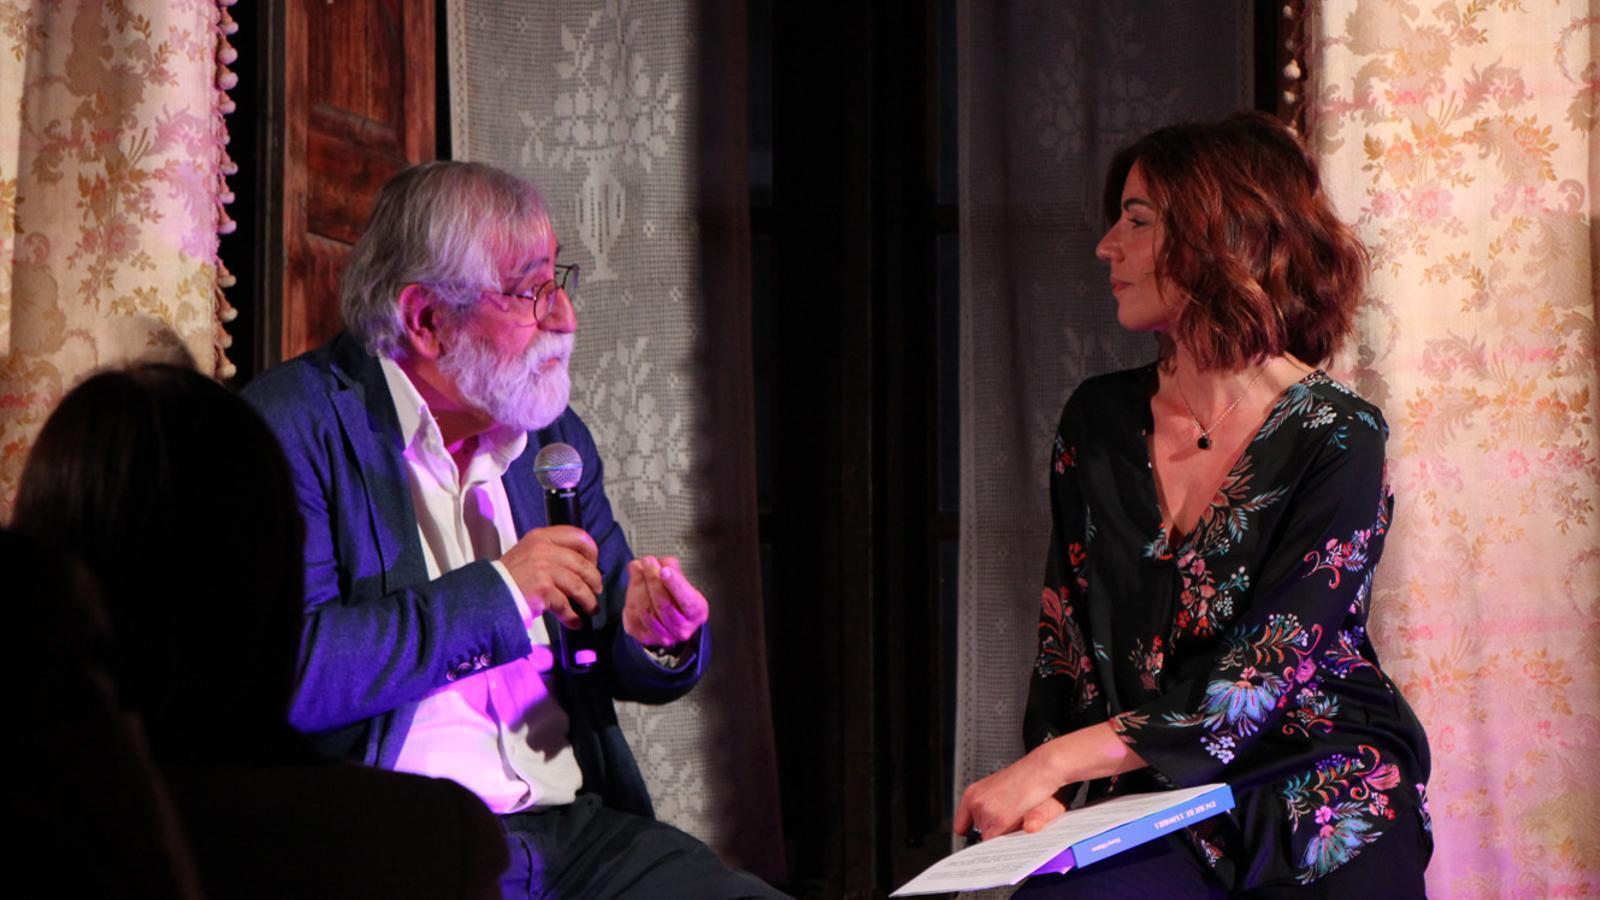 L'escriptor i periodista Vicenç Villatoro conversa amb Rosa Burgos, presentadora de l'acte. / T. N. (ANA)